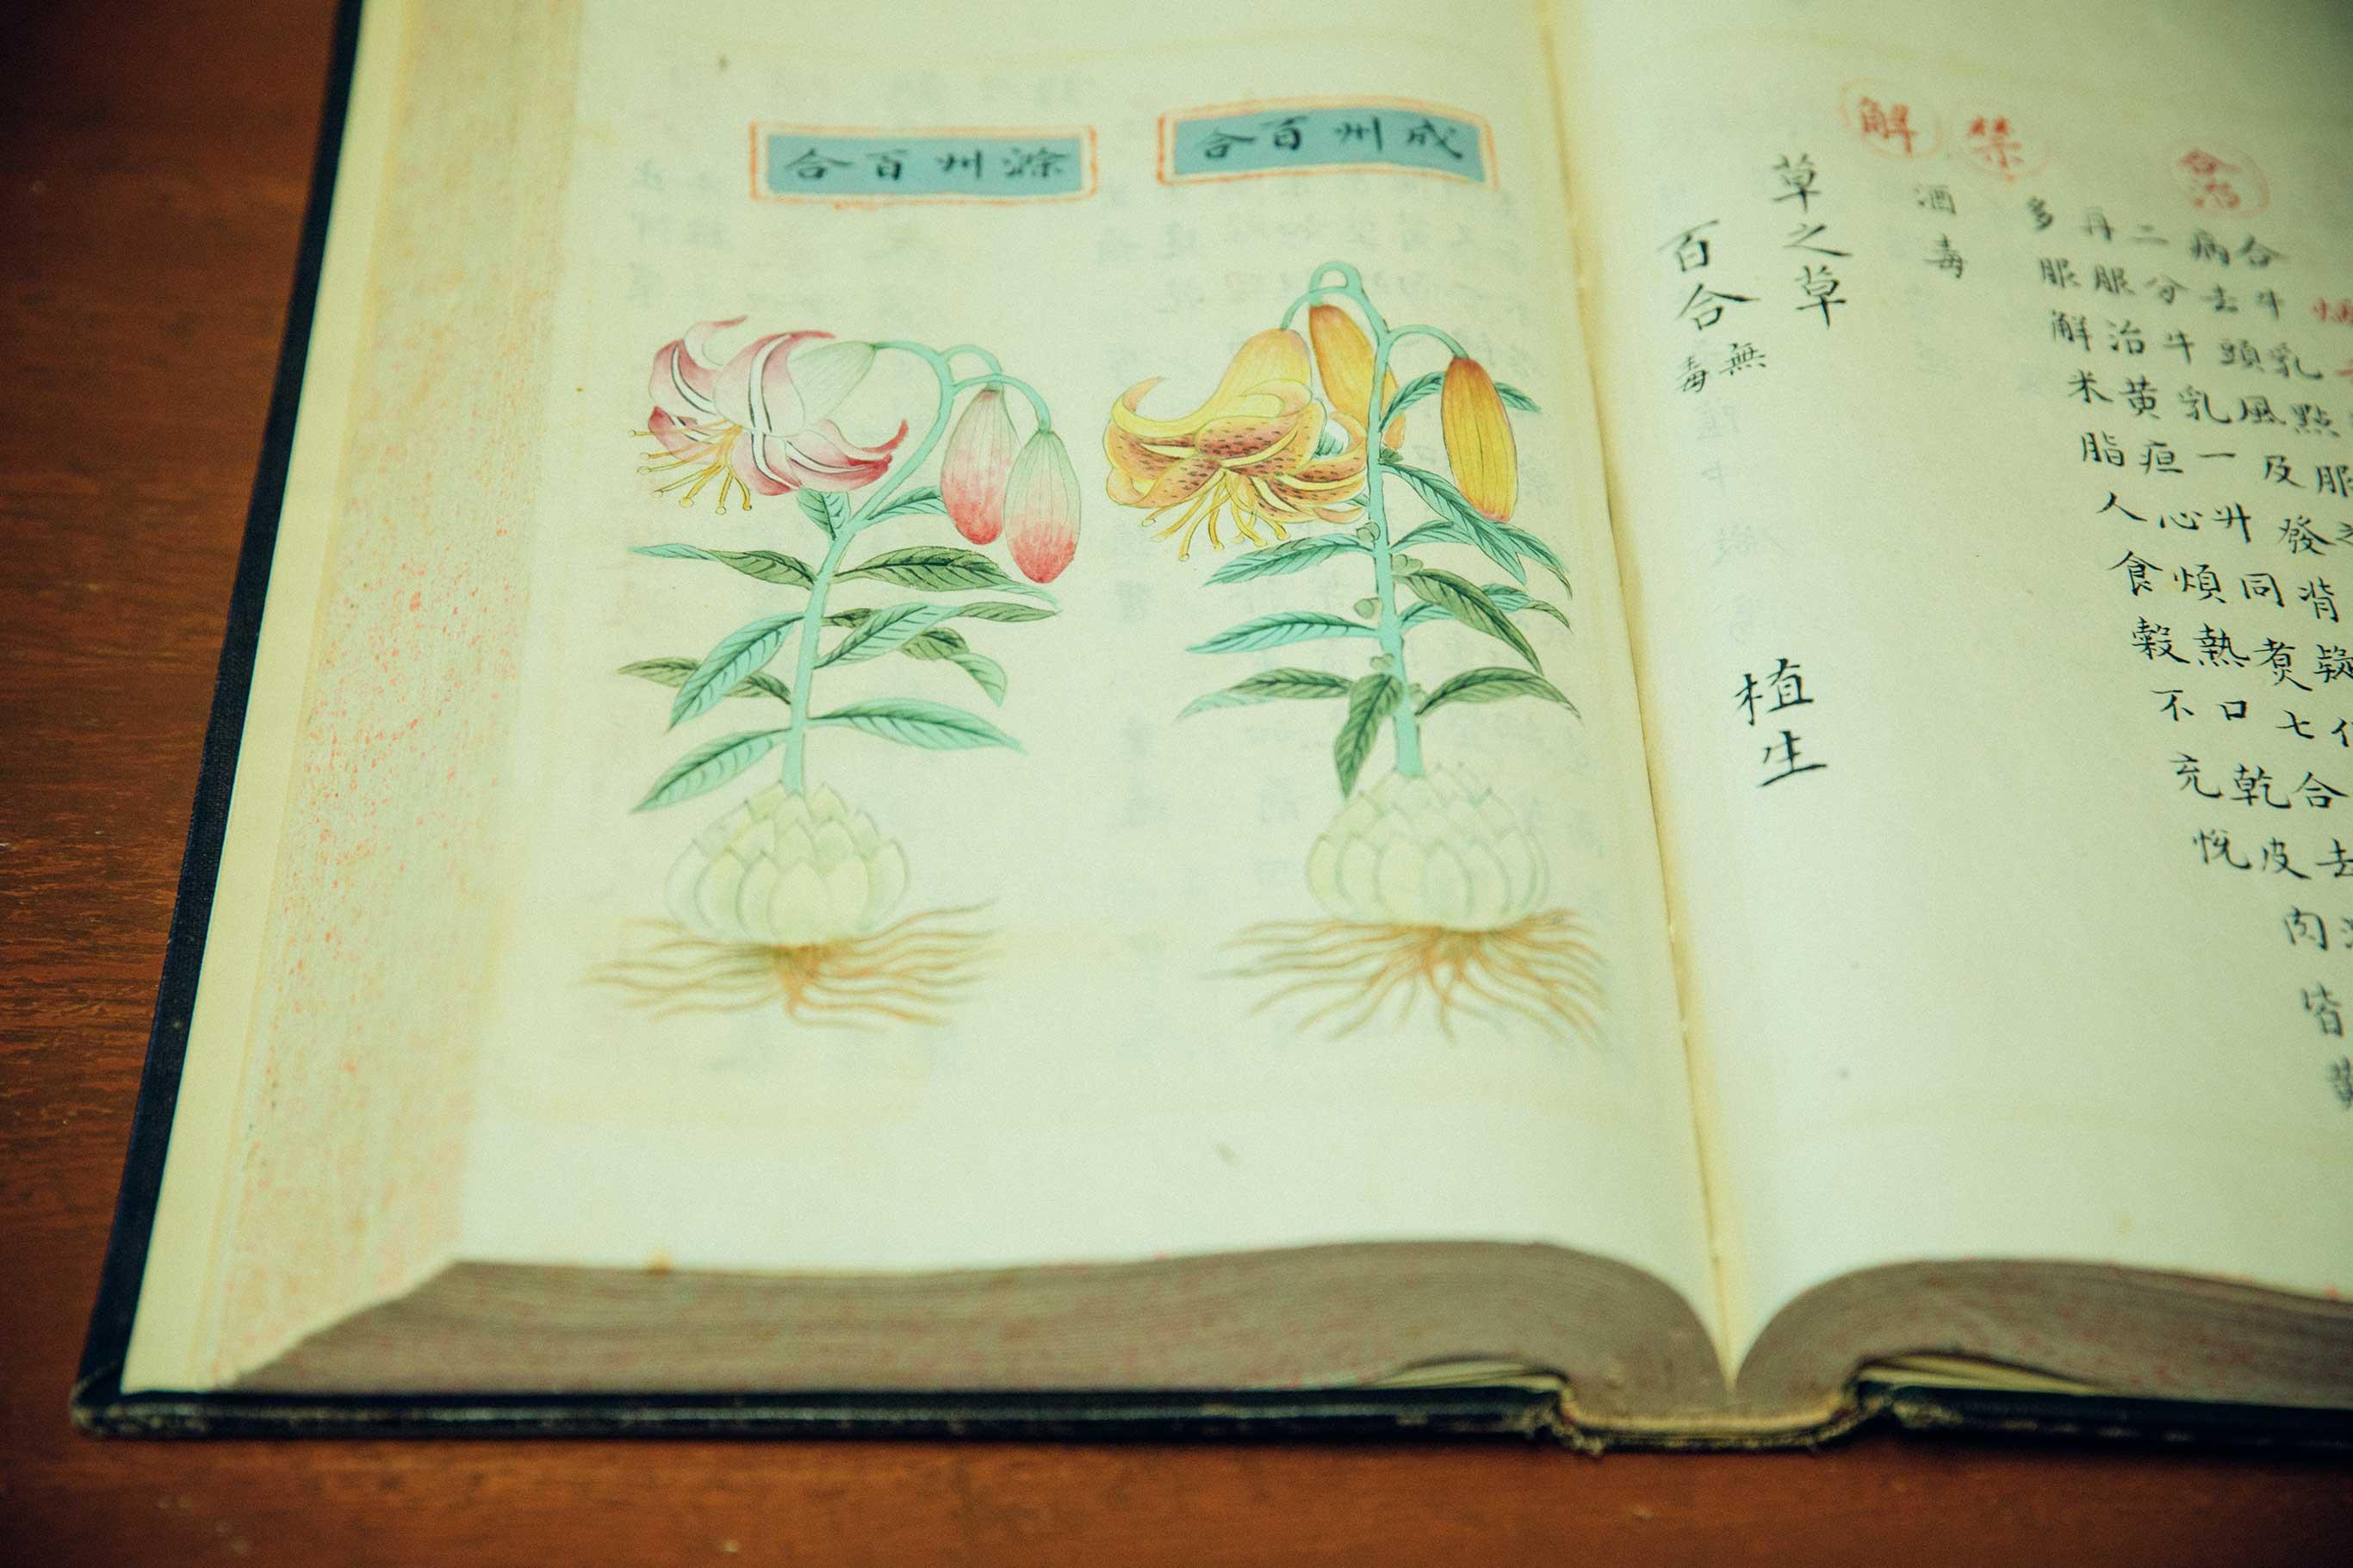 大塚医院の蔵書には貴重なものが多い。これは2代目の大塚恭男医師が入手した中国・明朝の生薬の本。すべて手書きで美しい。百合の根は漢方として使用されている。